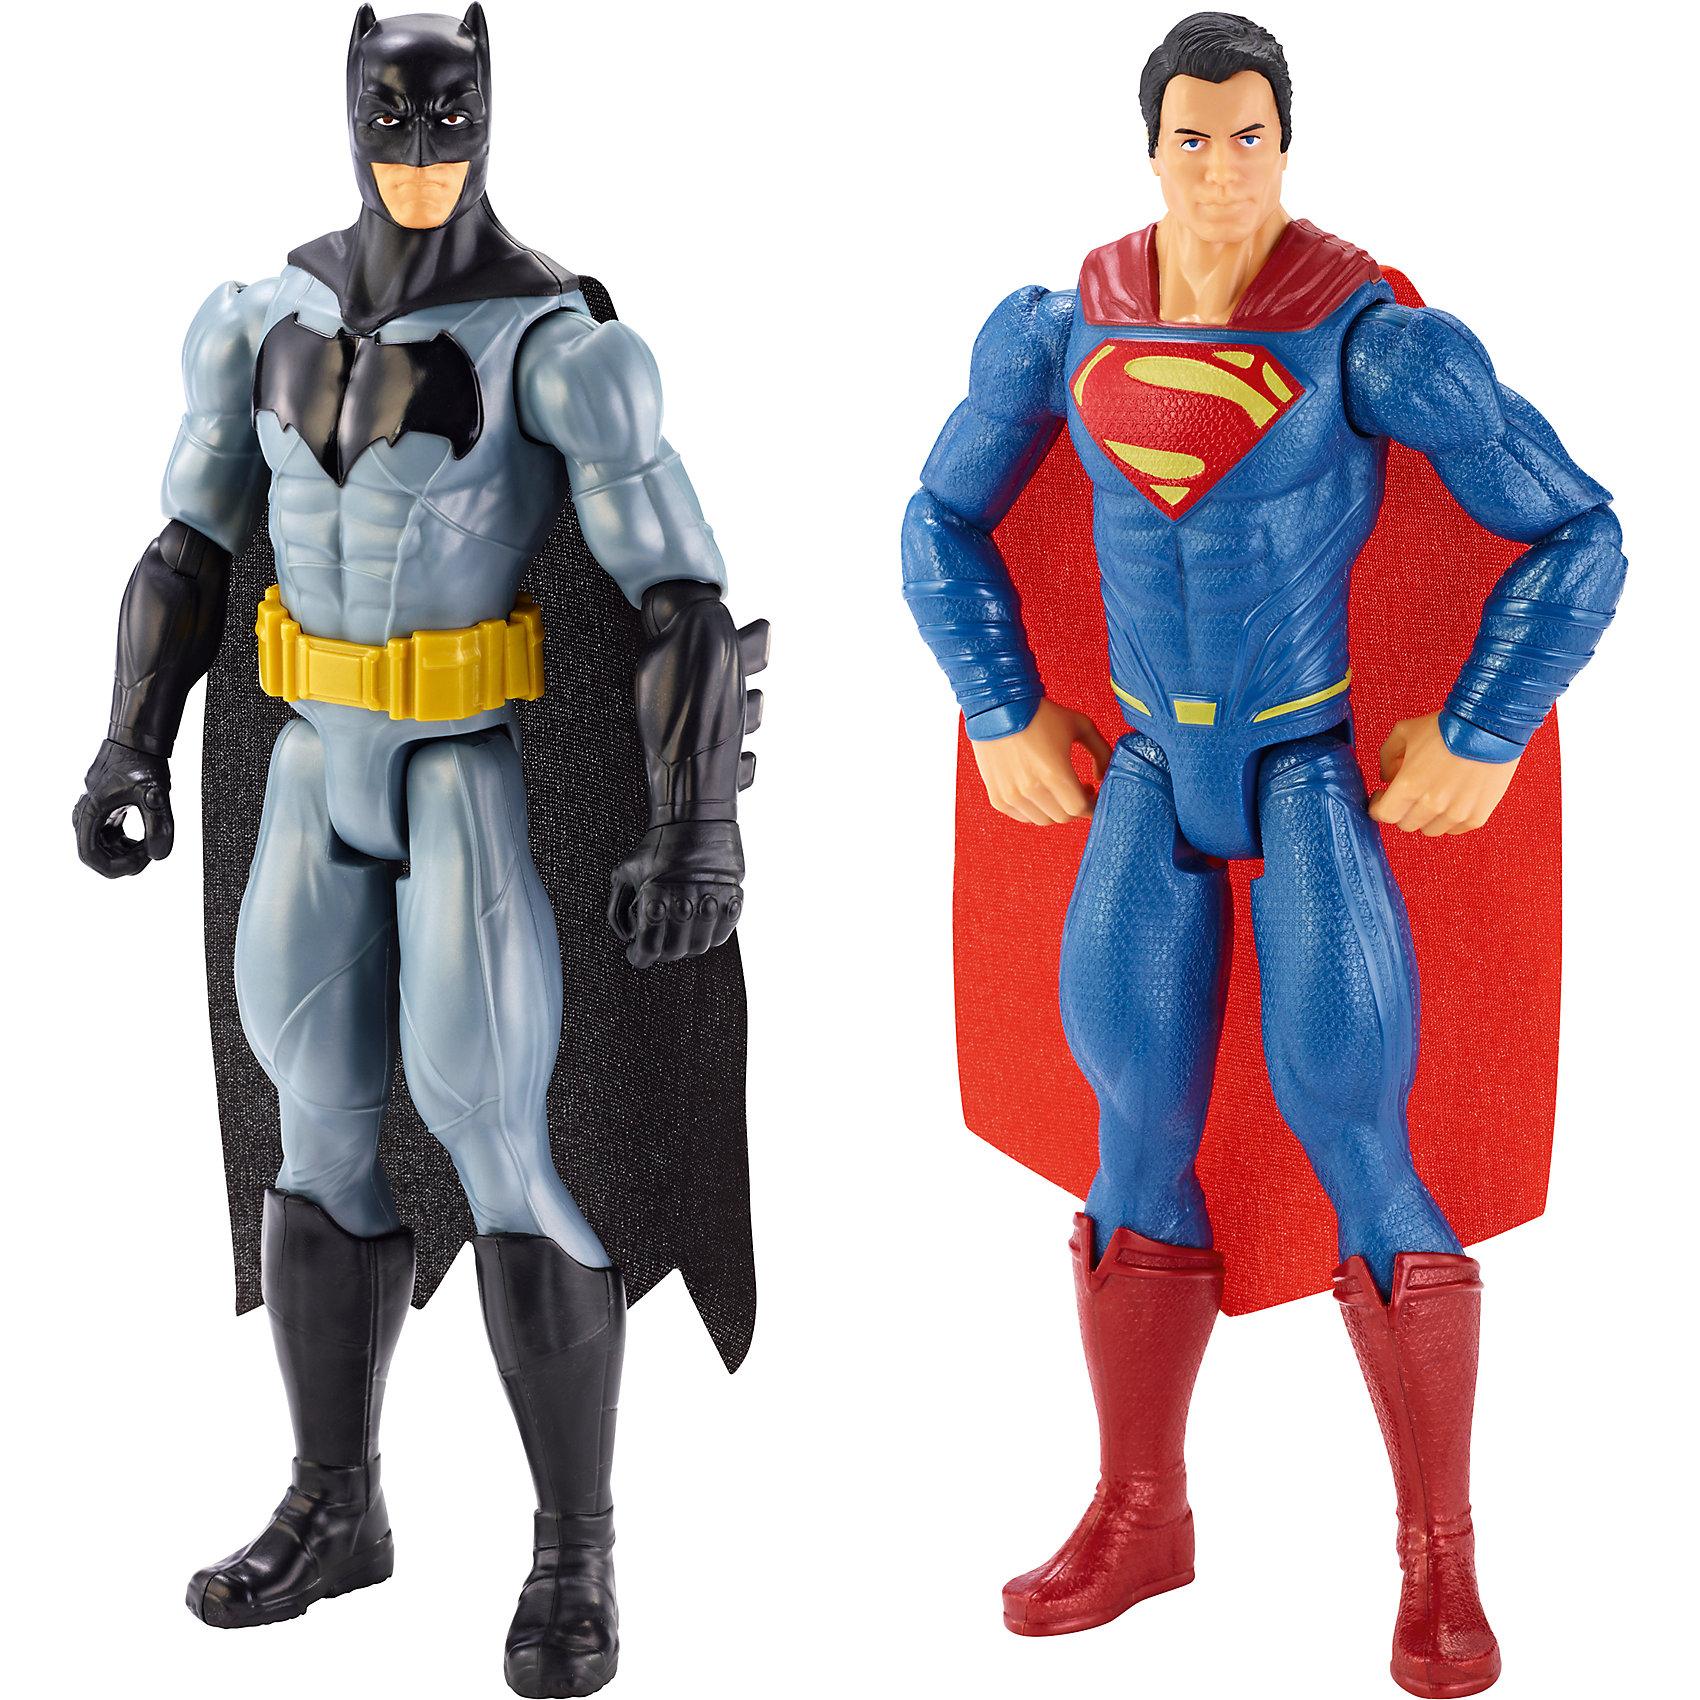 Игровой набор Бетмен против СуперменаБэтмен<br>Дополнительная информация:<br><br>В комплекте 2 фигурки: Супермен и Бэтмен<br>Высота фигурок: 30 см<br>Размер упаковки: 23,3 см x 6,2 см x 30,7 см<br><br>Игровой набор Бетмен против Супермена (Batman vs Superman) можно купить в нашем магазине.<br><br>Ширина мм: 308<br>Глубина мм: 230<br>Высота мм: 60<br>Вес г: 489<br>Возраст от месяцев: 36<br>Возраст до месяцев: 72<br>Пол: Мужской<br>Возраст: Детский<br>SKU: 4373767